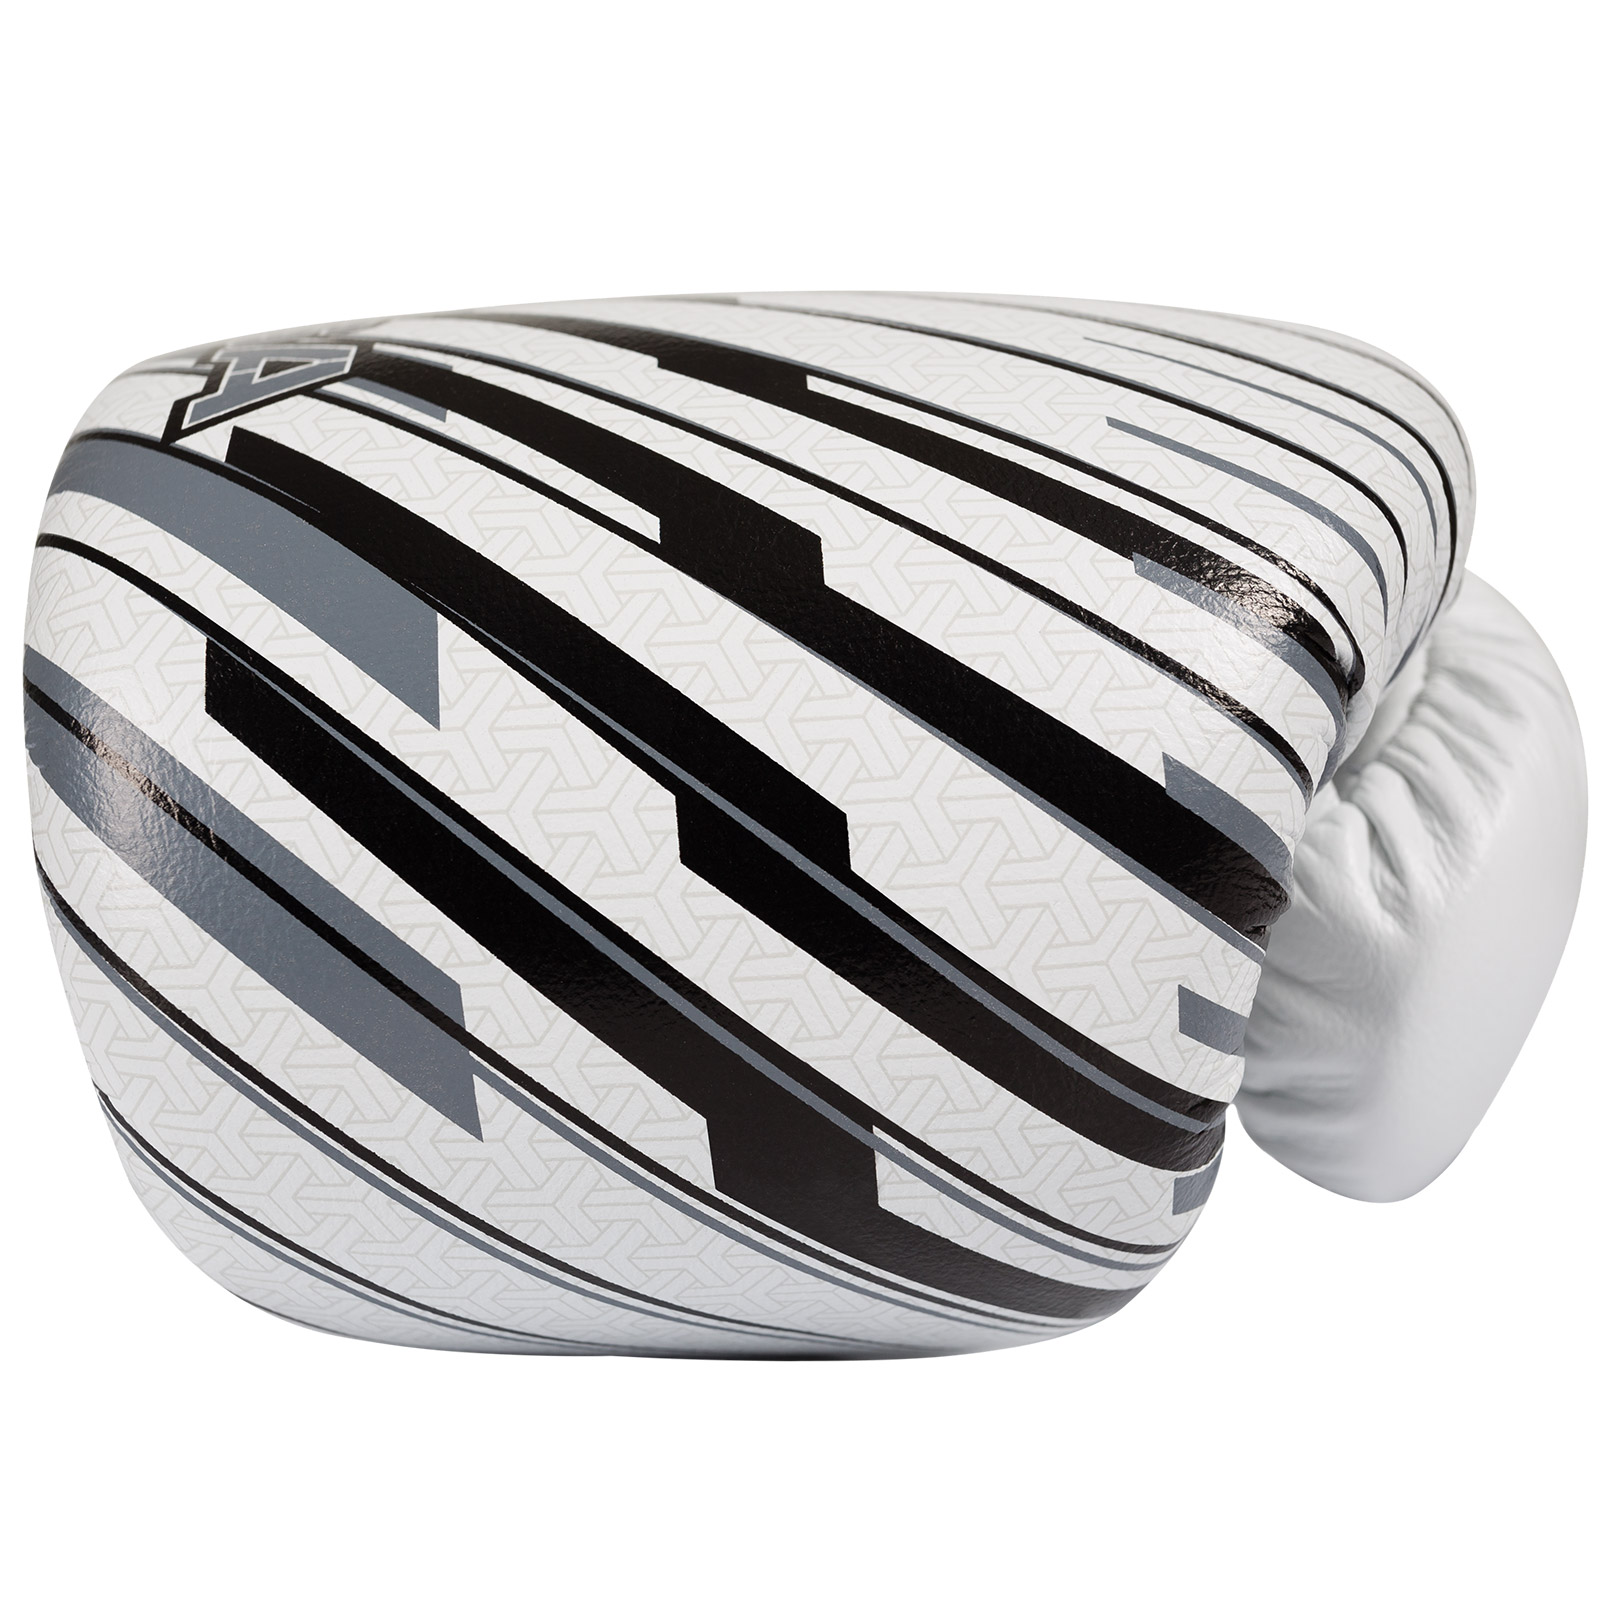 Ikusa Charged - Boxing Gloves - Detail - White